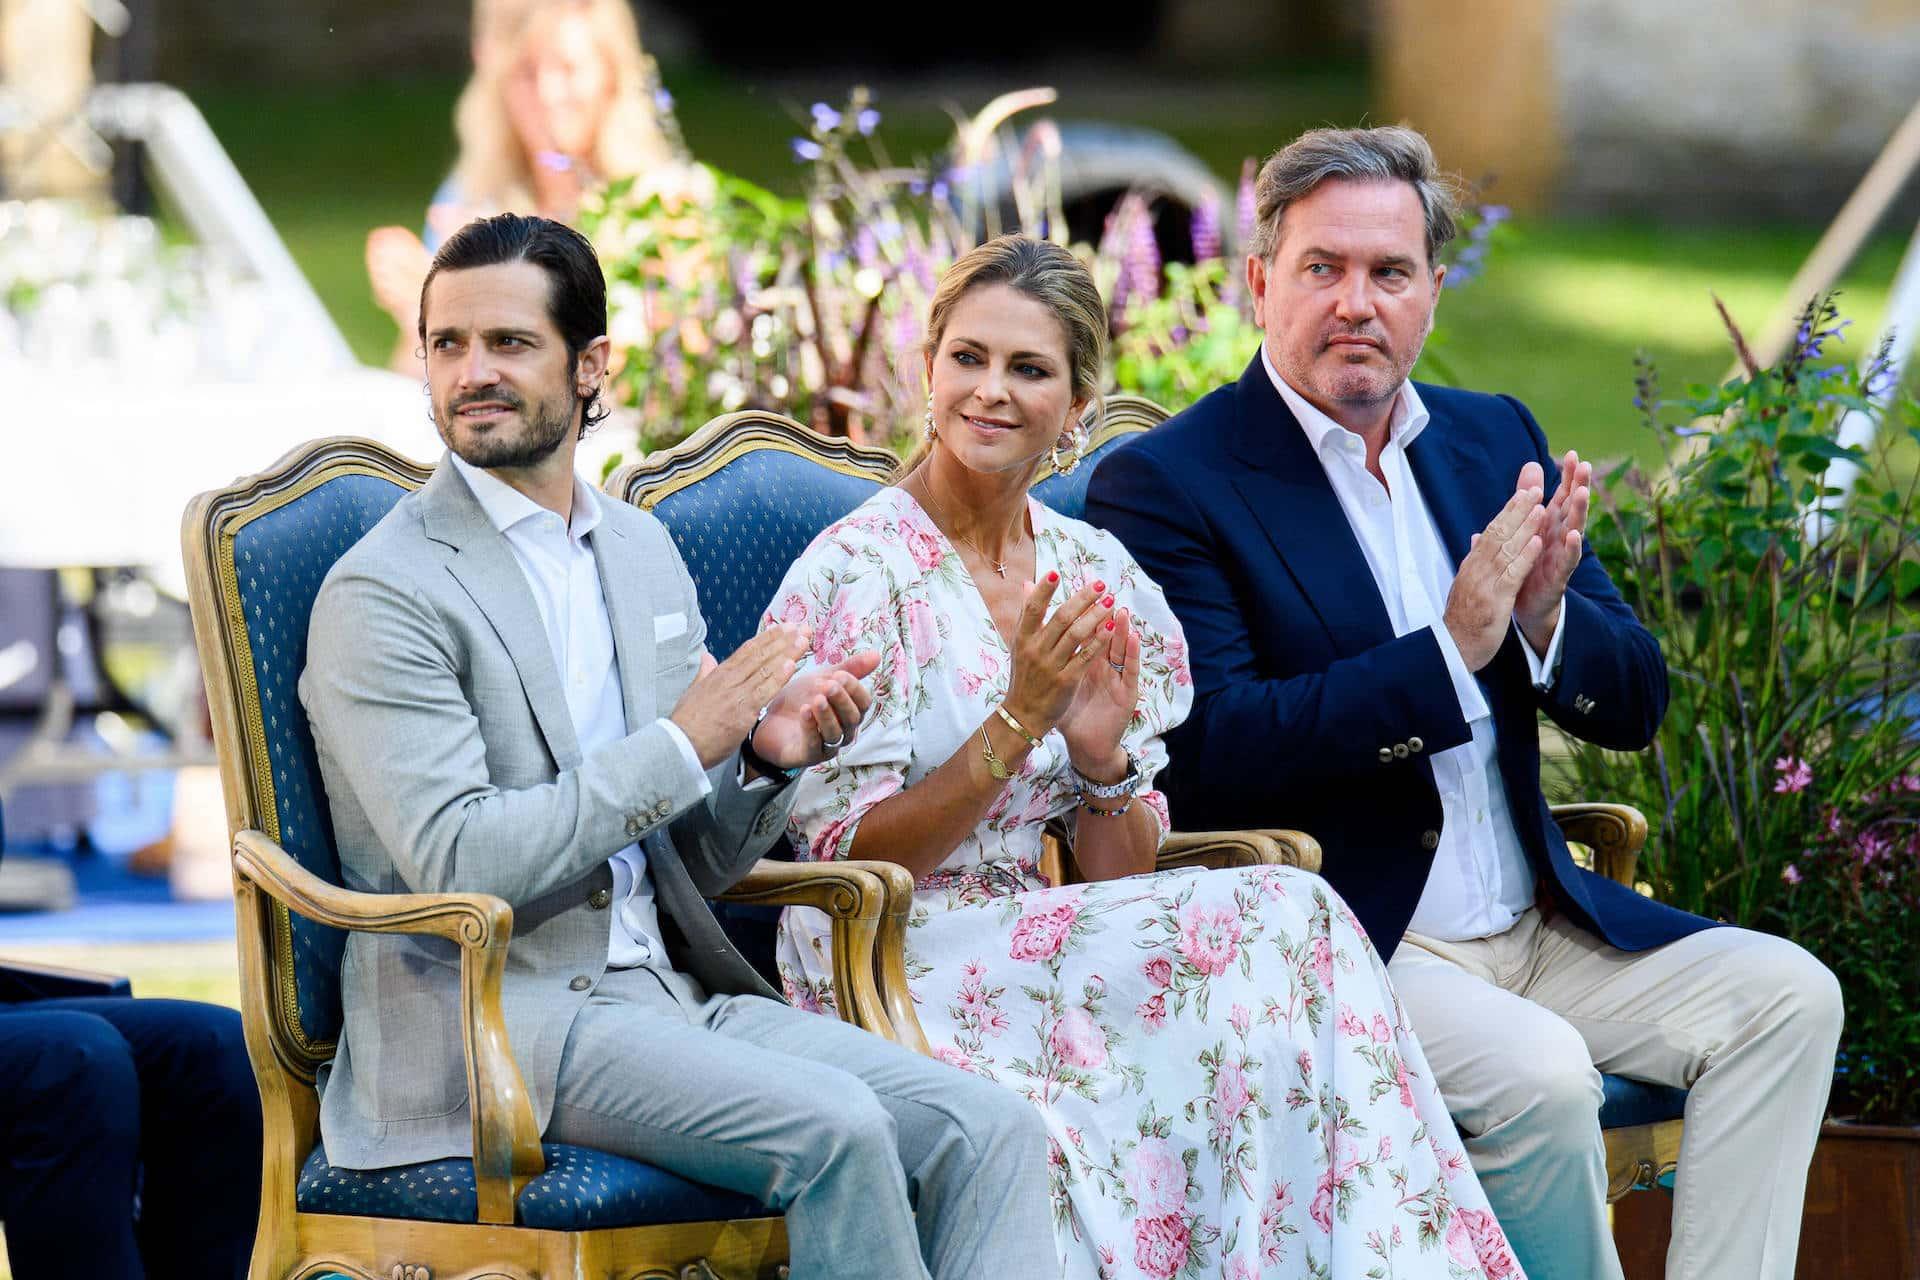 Prinz Carl Philip. Prinzessin Madeleine und Christopher O'Neill